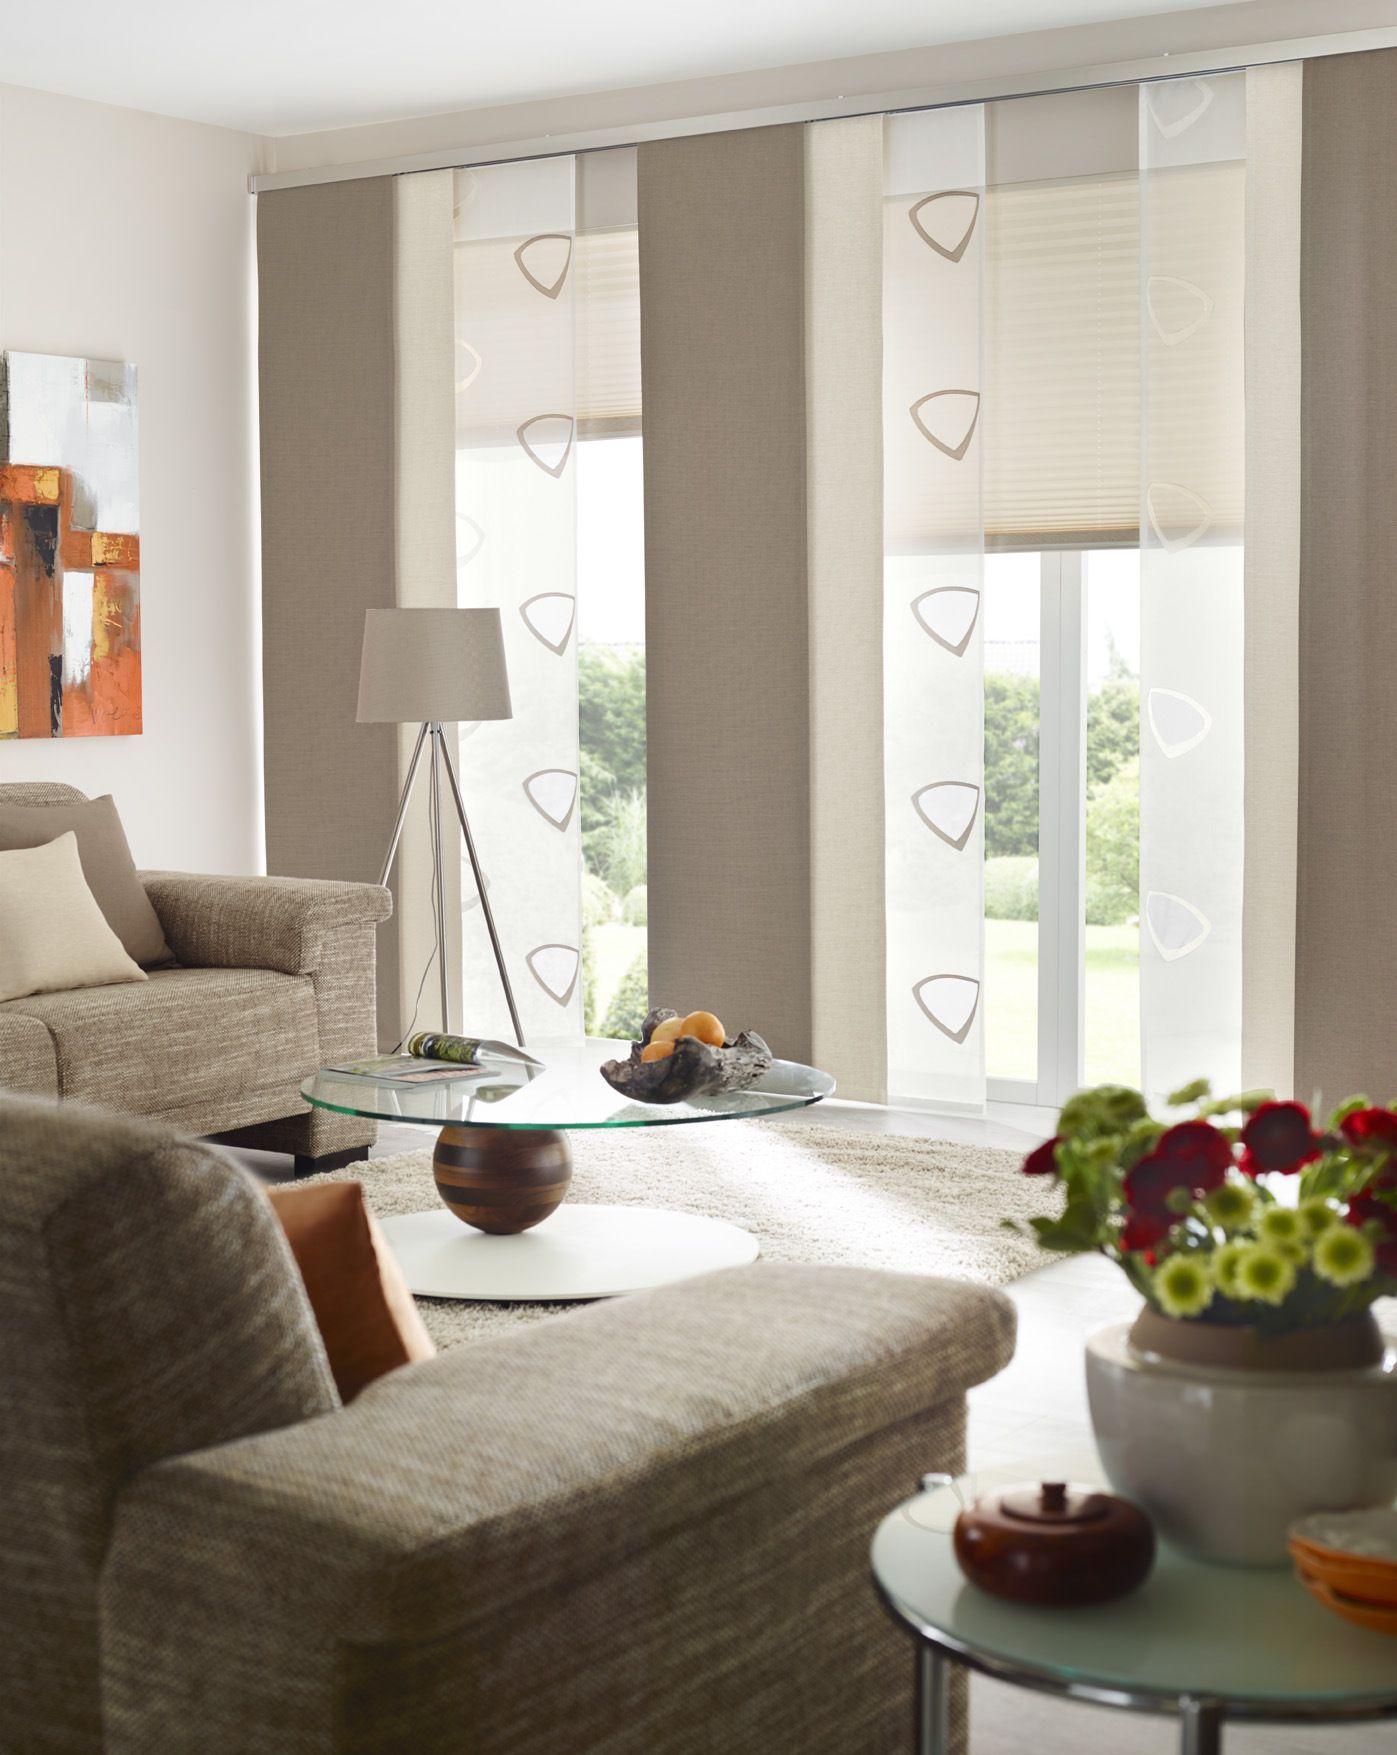 Full Size of Fenster Urbansteel Moderne Bilder Fürs Wohnzimmer Modernes Sofa Duschen Esstisch Modern Wohnwand Anbauwand Gardinen Für Deko Küche Wohnzimmer Gardinen Wohnzimmer Modern